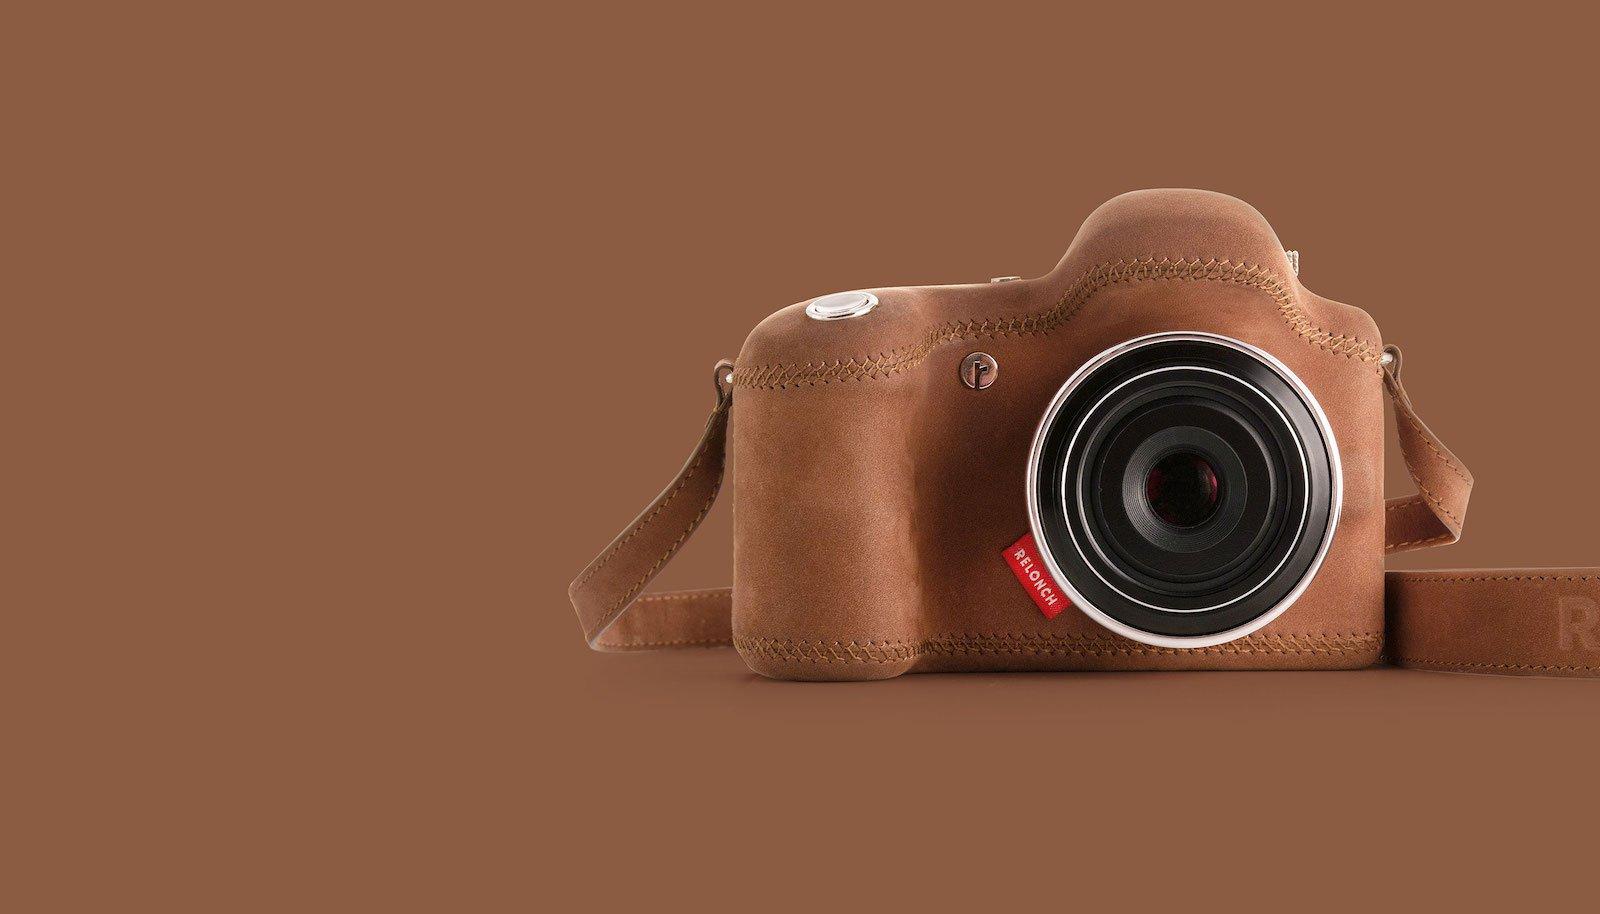 Relonch-камера с матрицей APS-C и несъемным объективом, плюс сервис по обработке и печати снимков